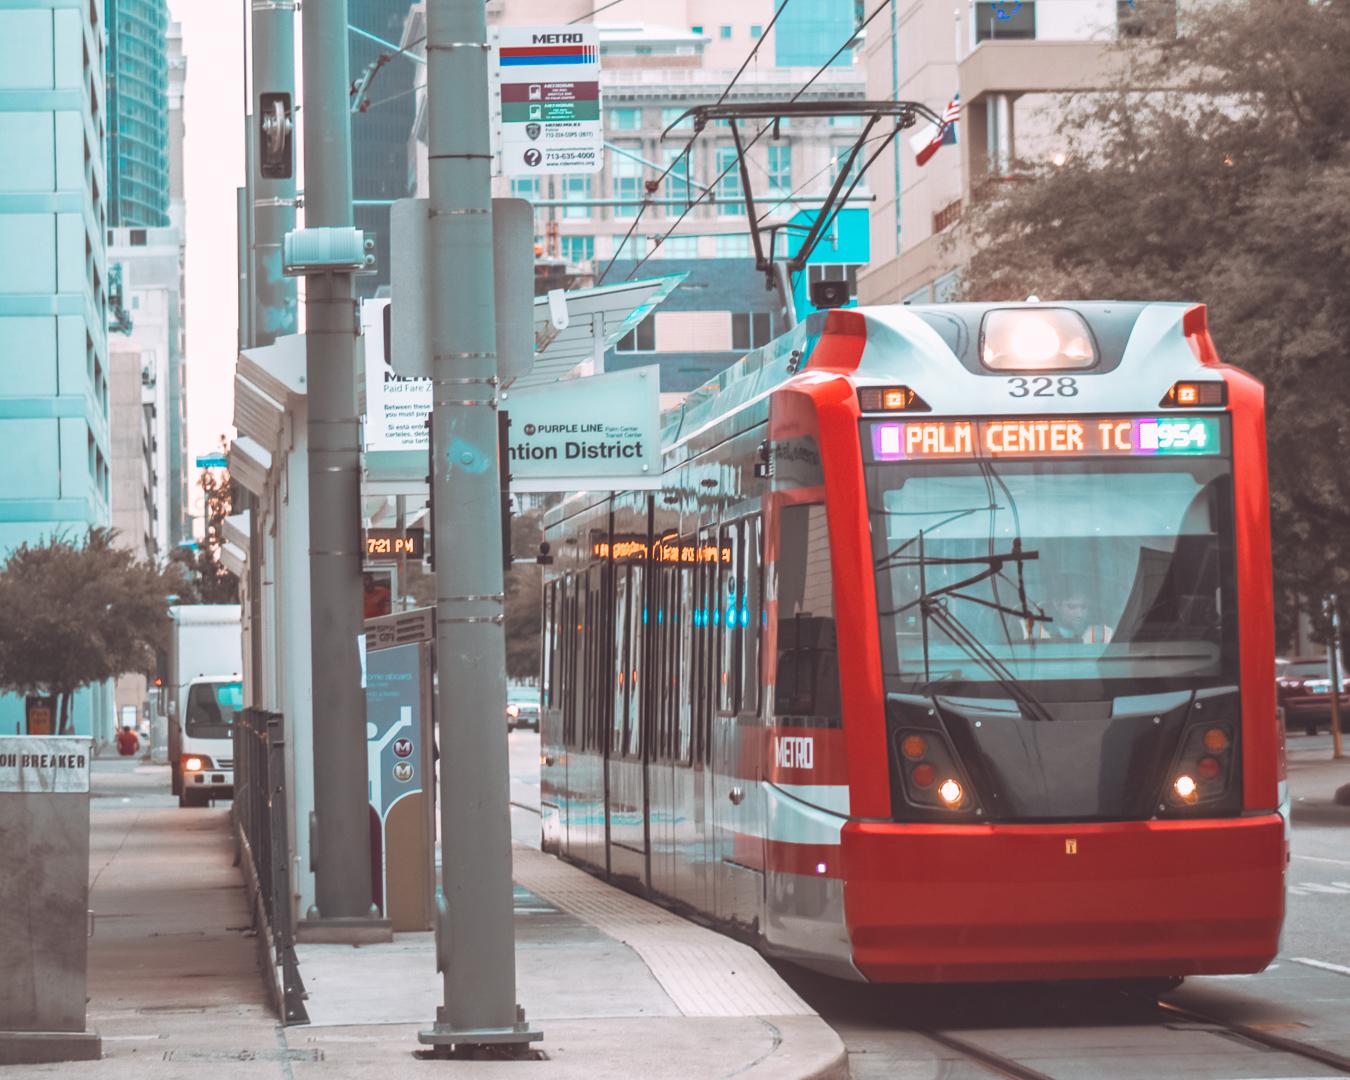 Public transport in Houston